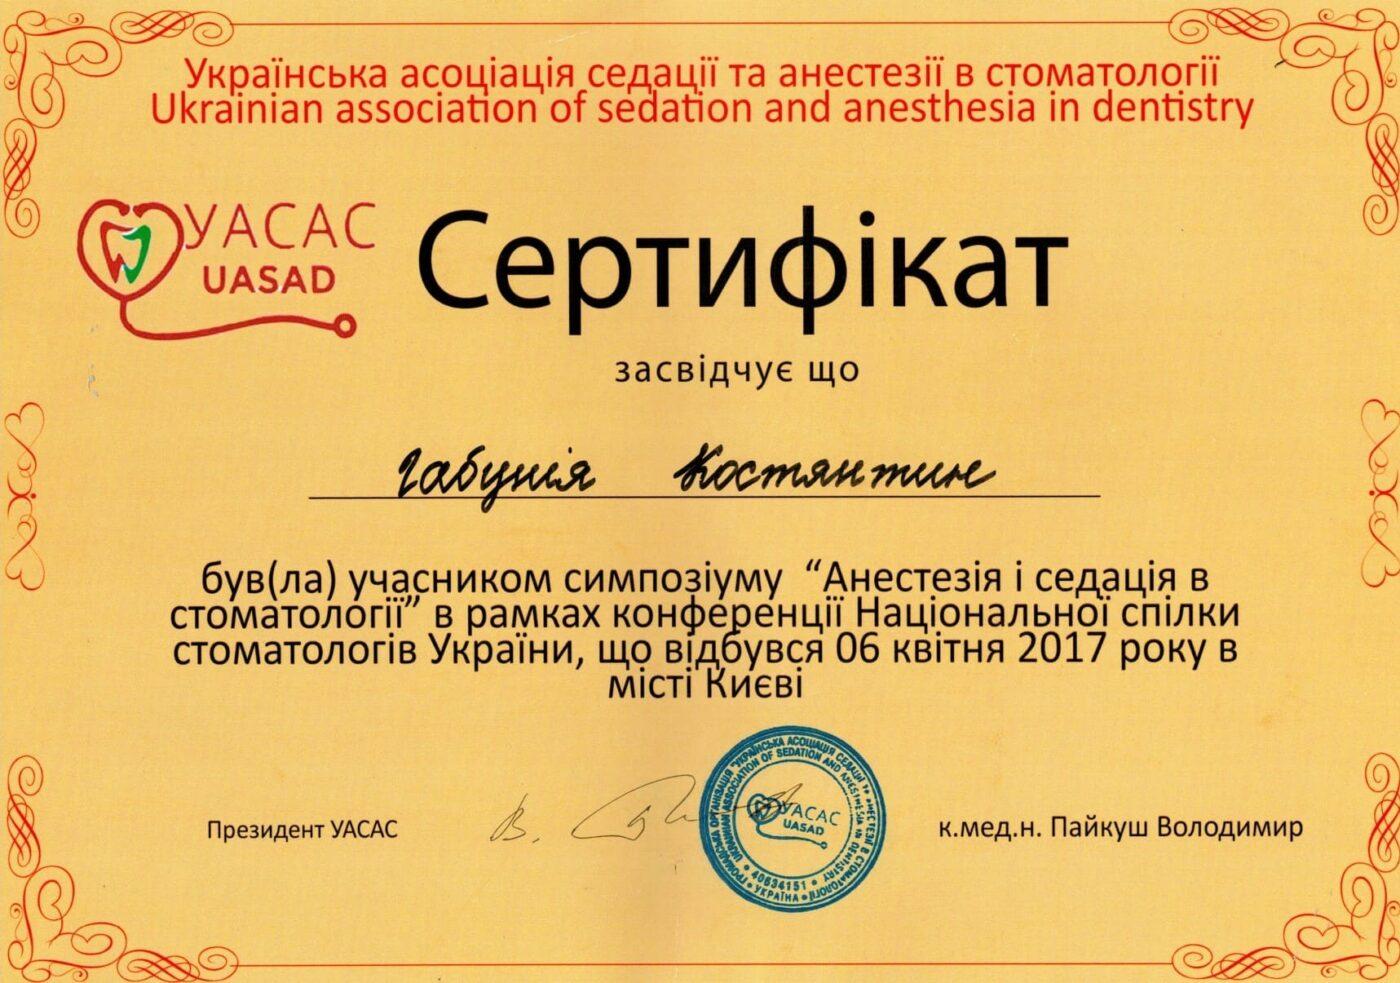 Сертифікат детского врача стоматолога Габунії Константина Павловича об участі у симпозіумі (Анестезія і седація в стоматології)